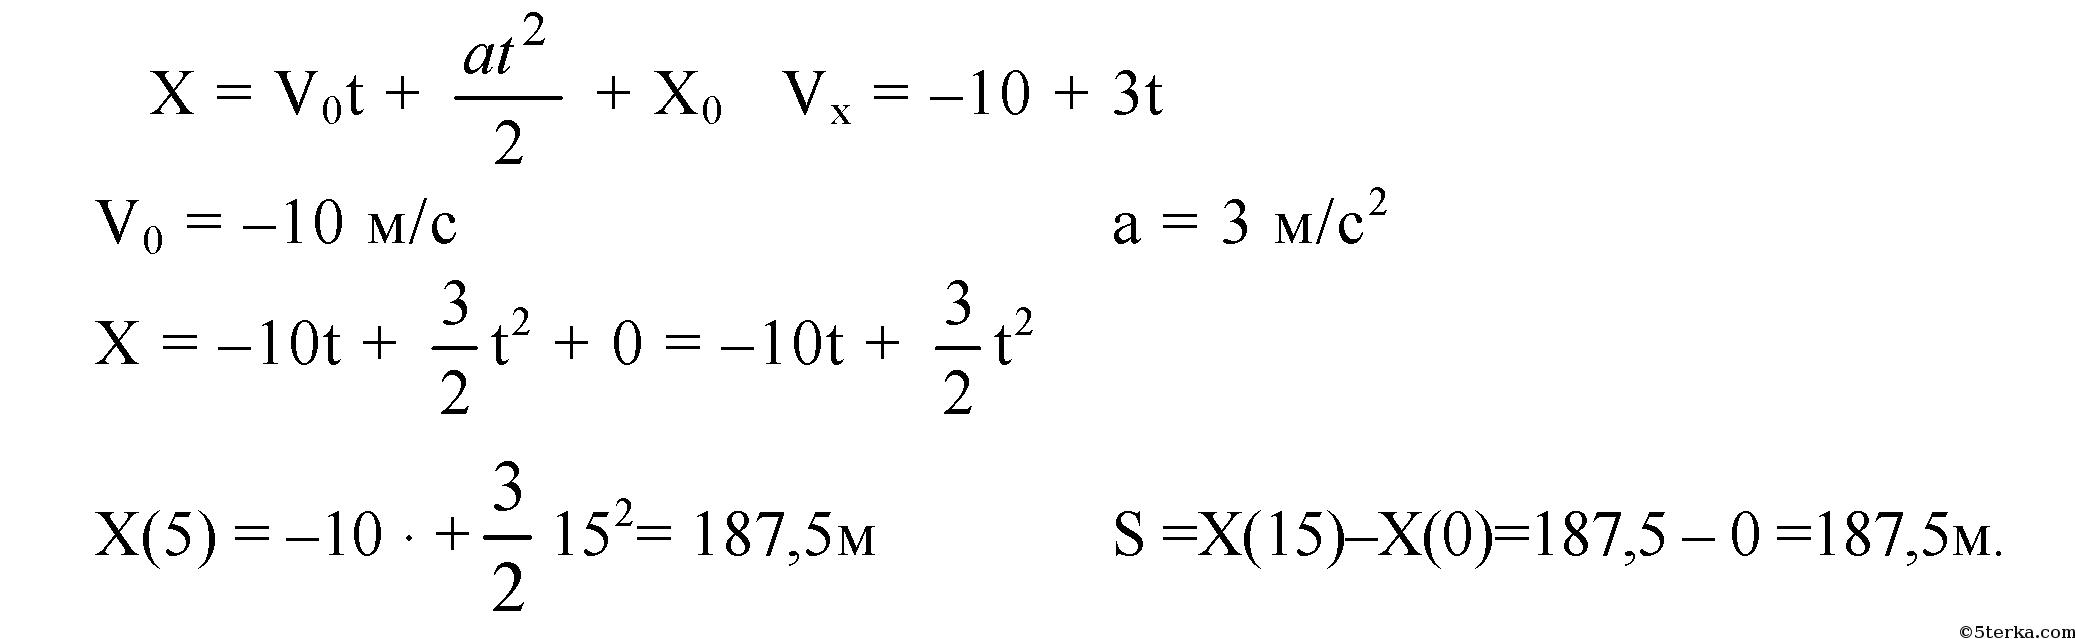 уравнение прямолинейного движения имеет вид